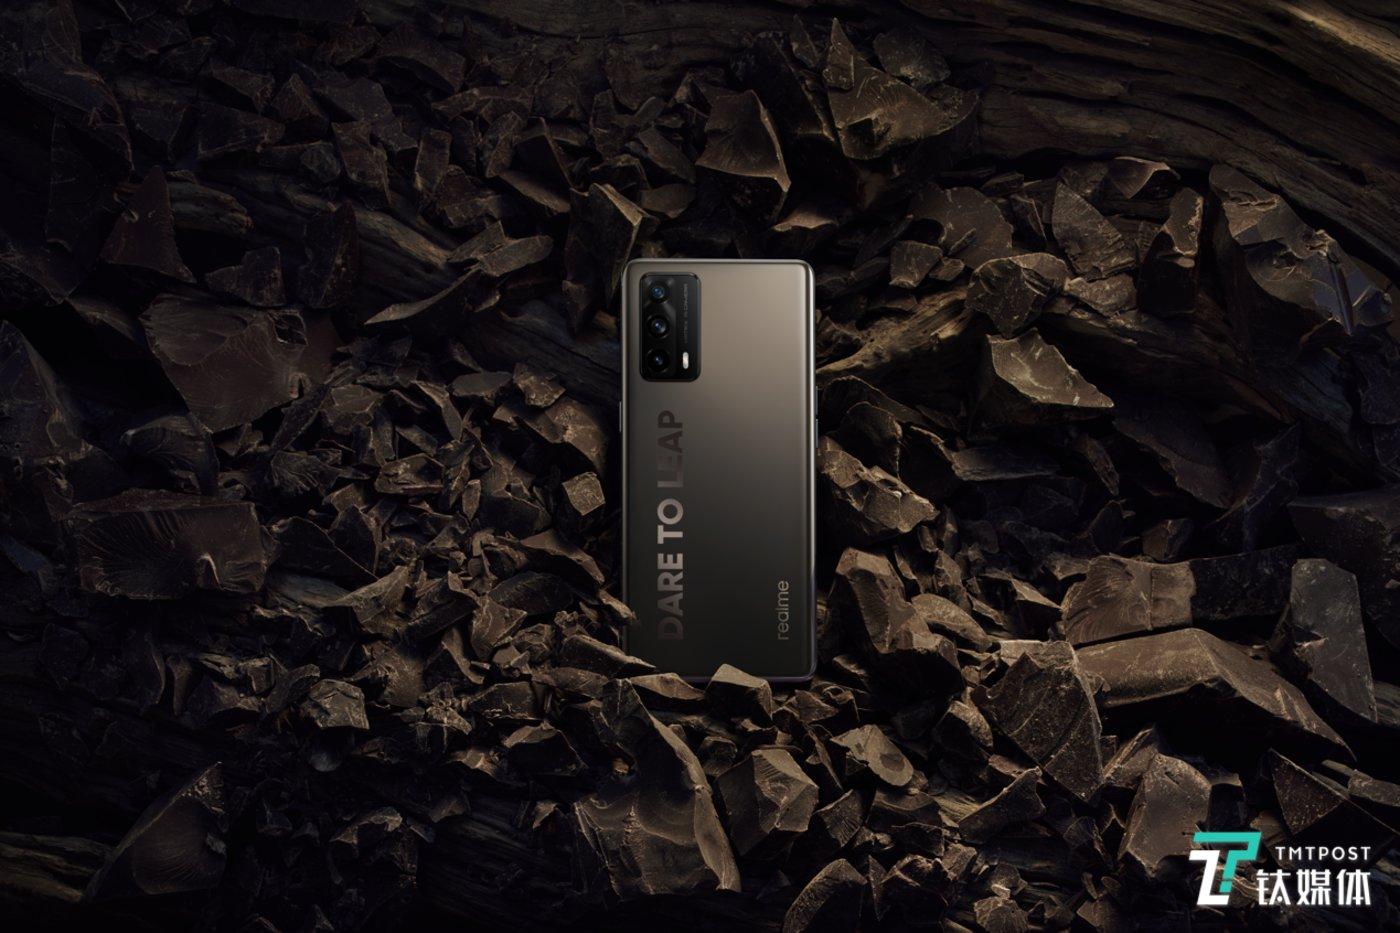 真我X7 Pro至尊版-黑巧森林配色